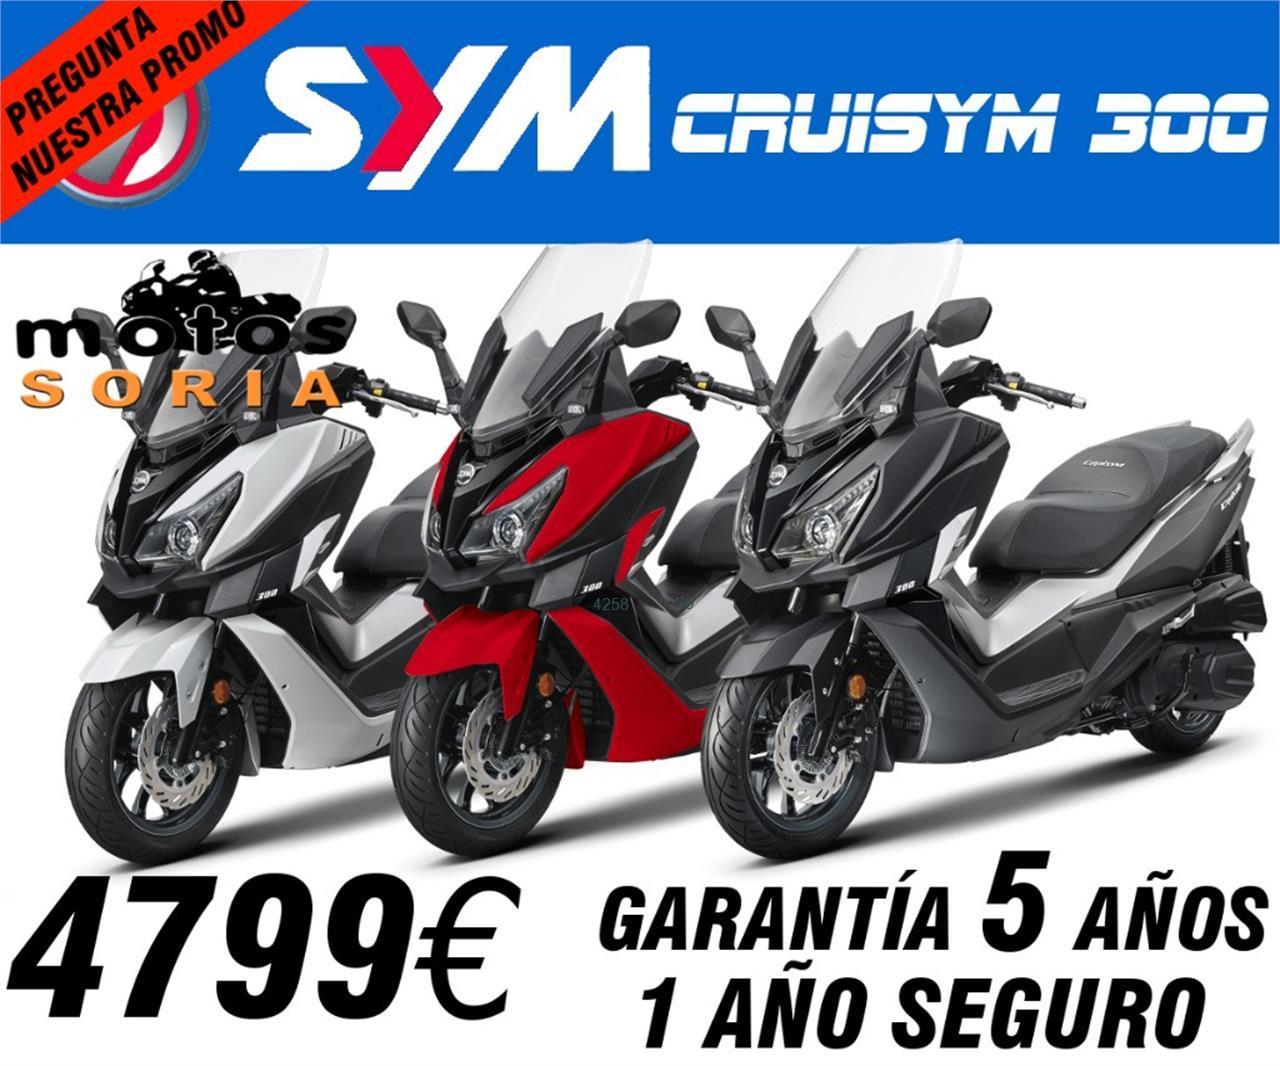 SYM CRUiSYM 300 de venta